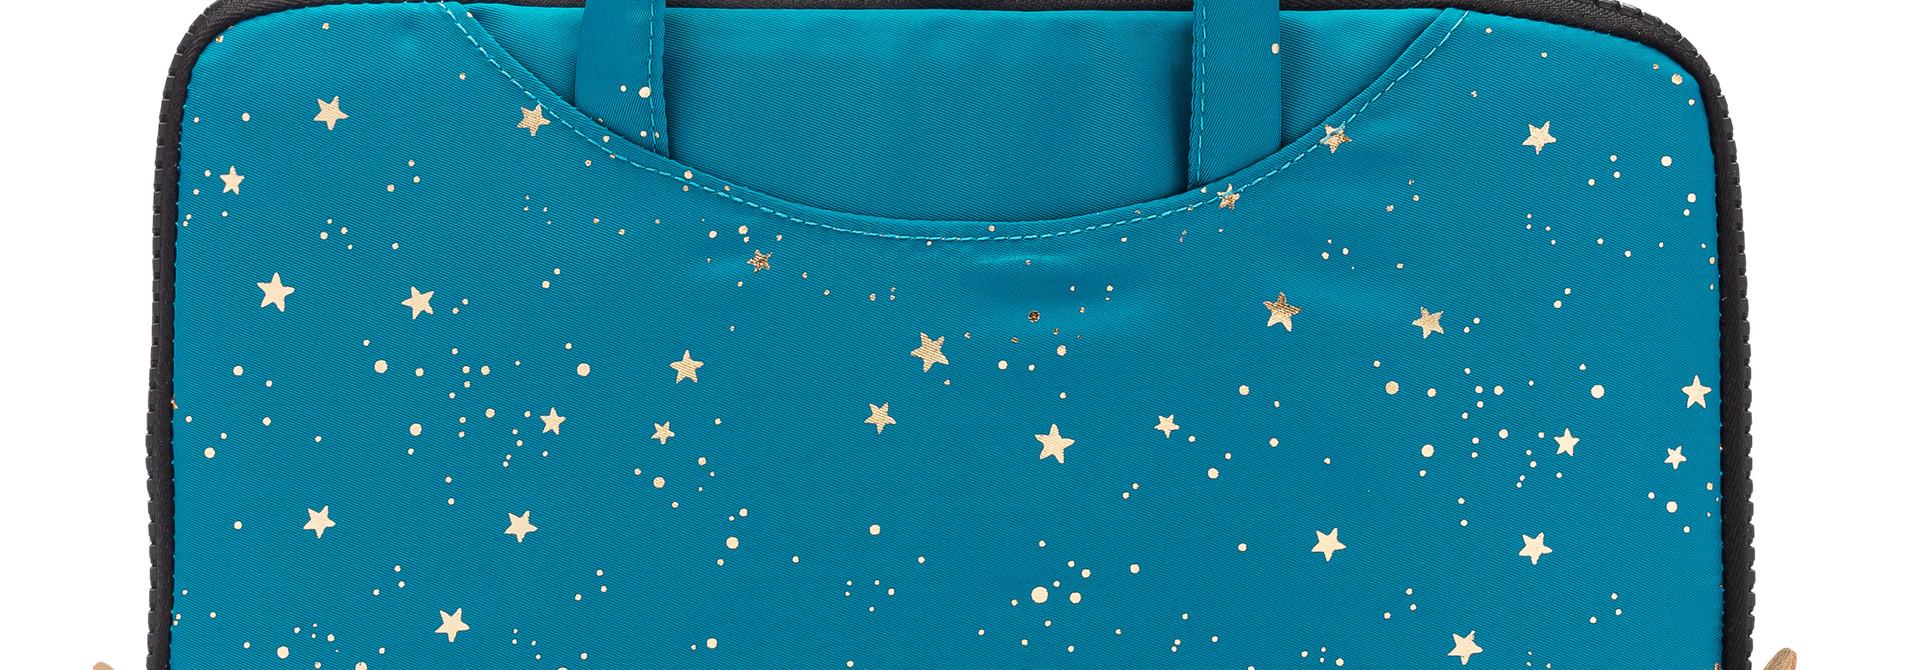 Yumbox Poche met handgrepen aqua / sterren